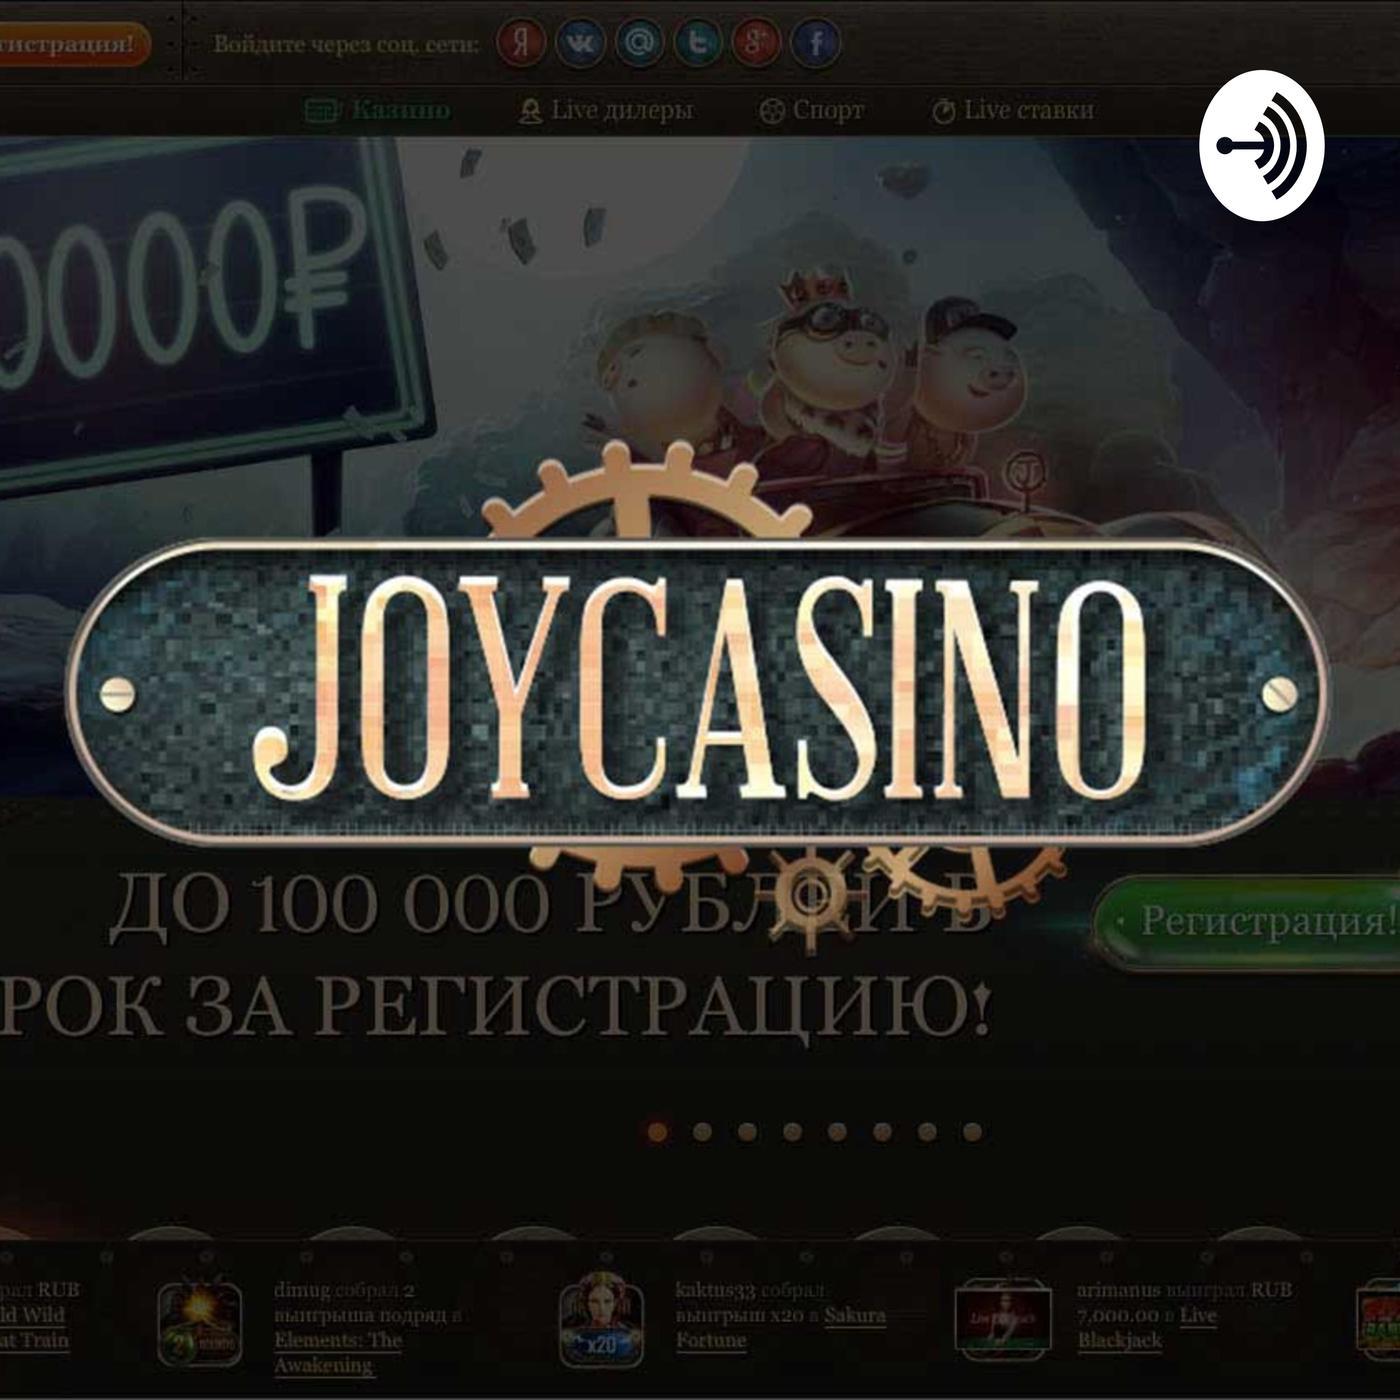 Джой казино 4 сом официальный сайт online canada casino